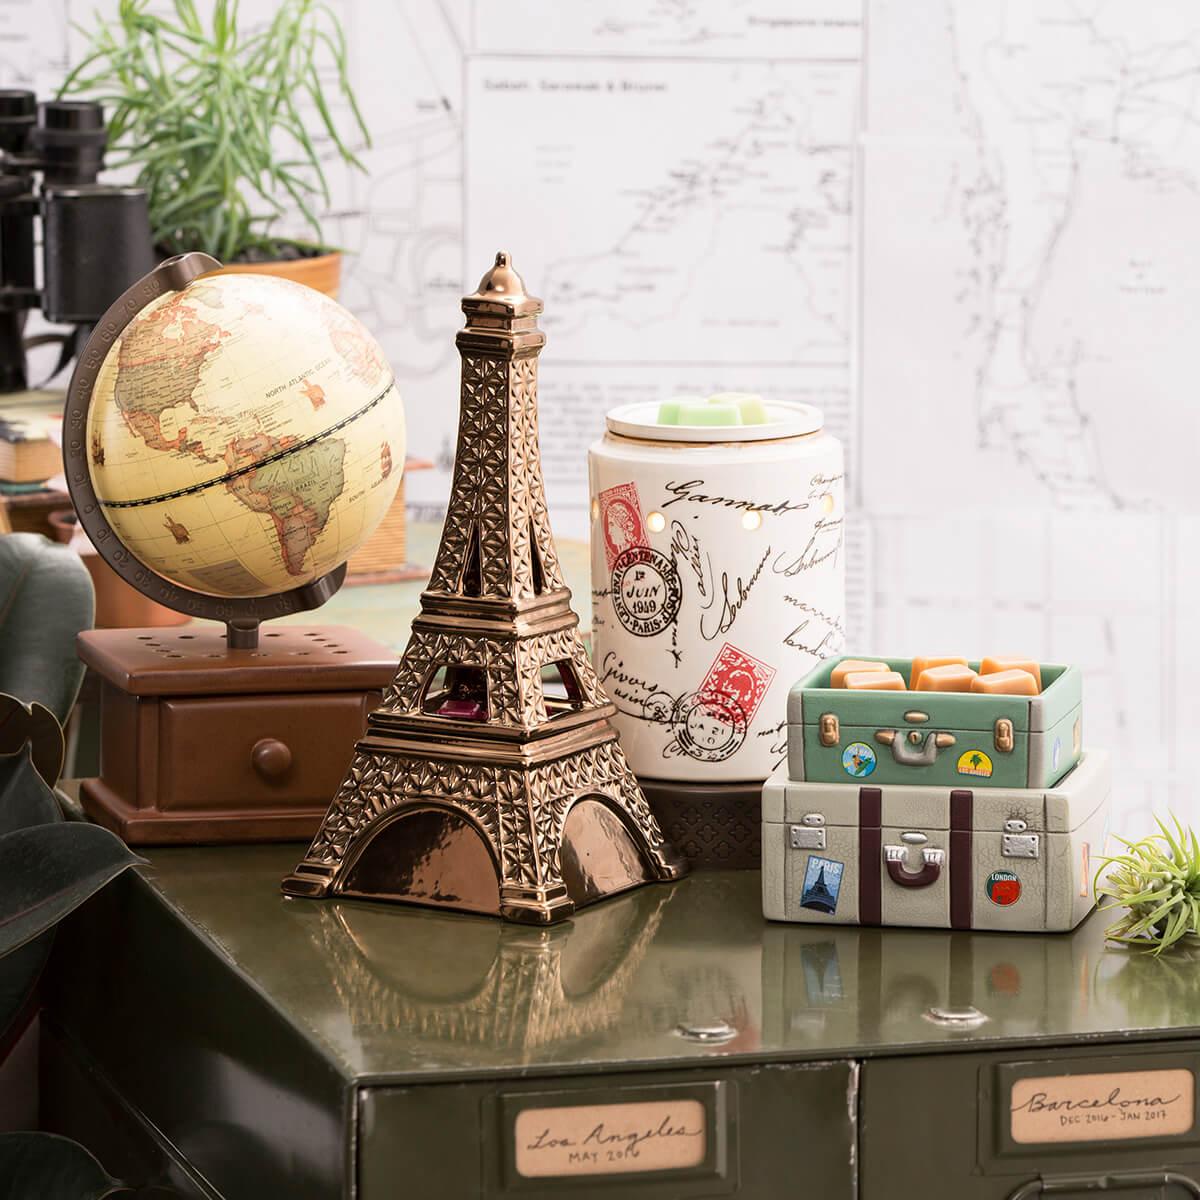 MIDNIGHT IN PARIS PASSPORT BON VOYAGE AND AROUND THE WORLD SCENTSY WARMERS (1)